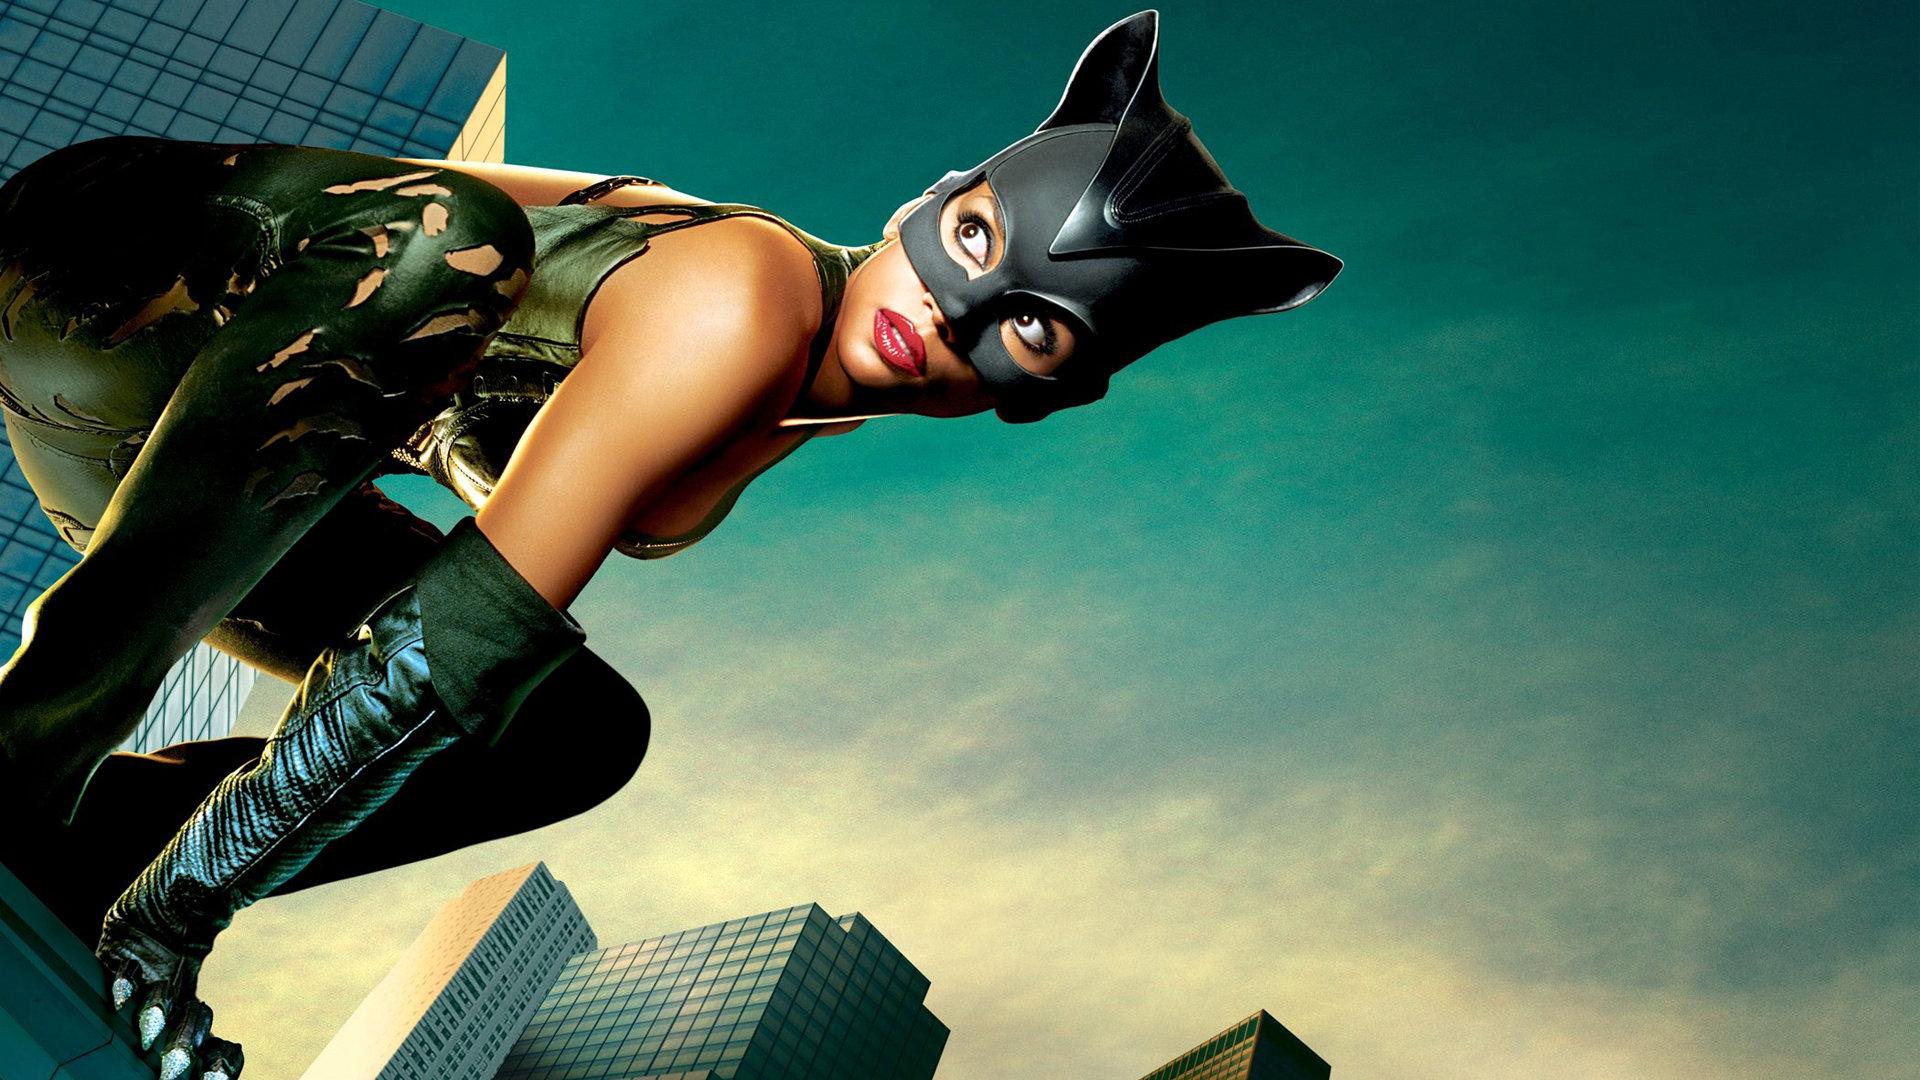 """克里斯托弗·海尔达尔 """"猫女""""是与蝙蝠侠齐名的超级英雄角色,米歇尔"""